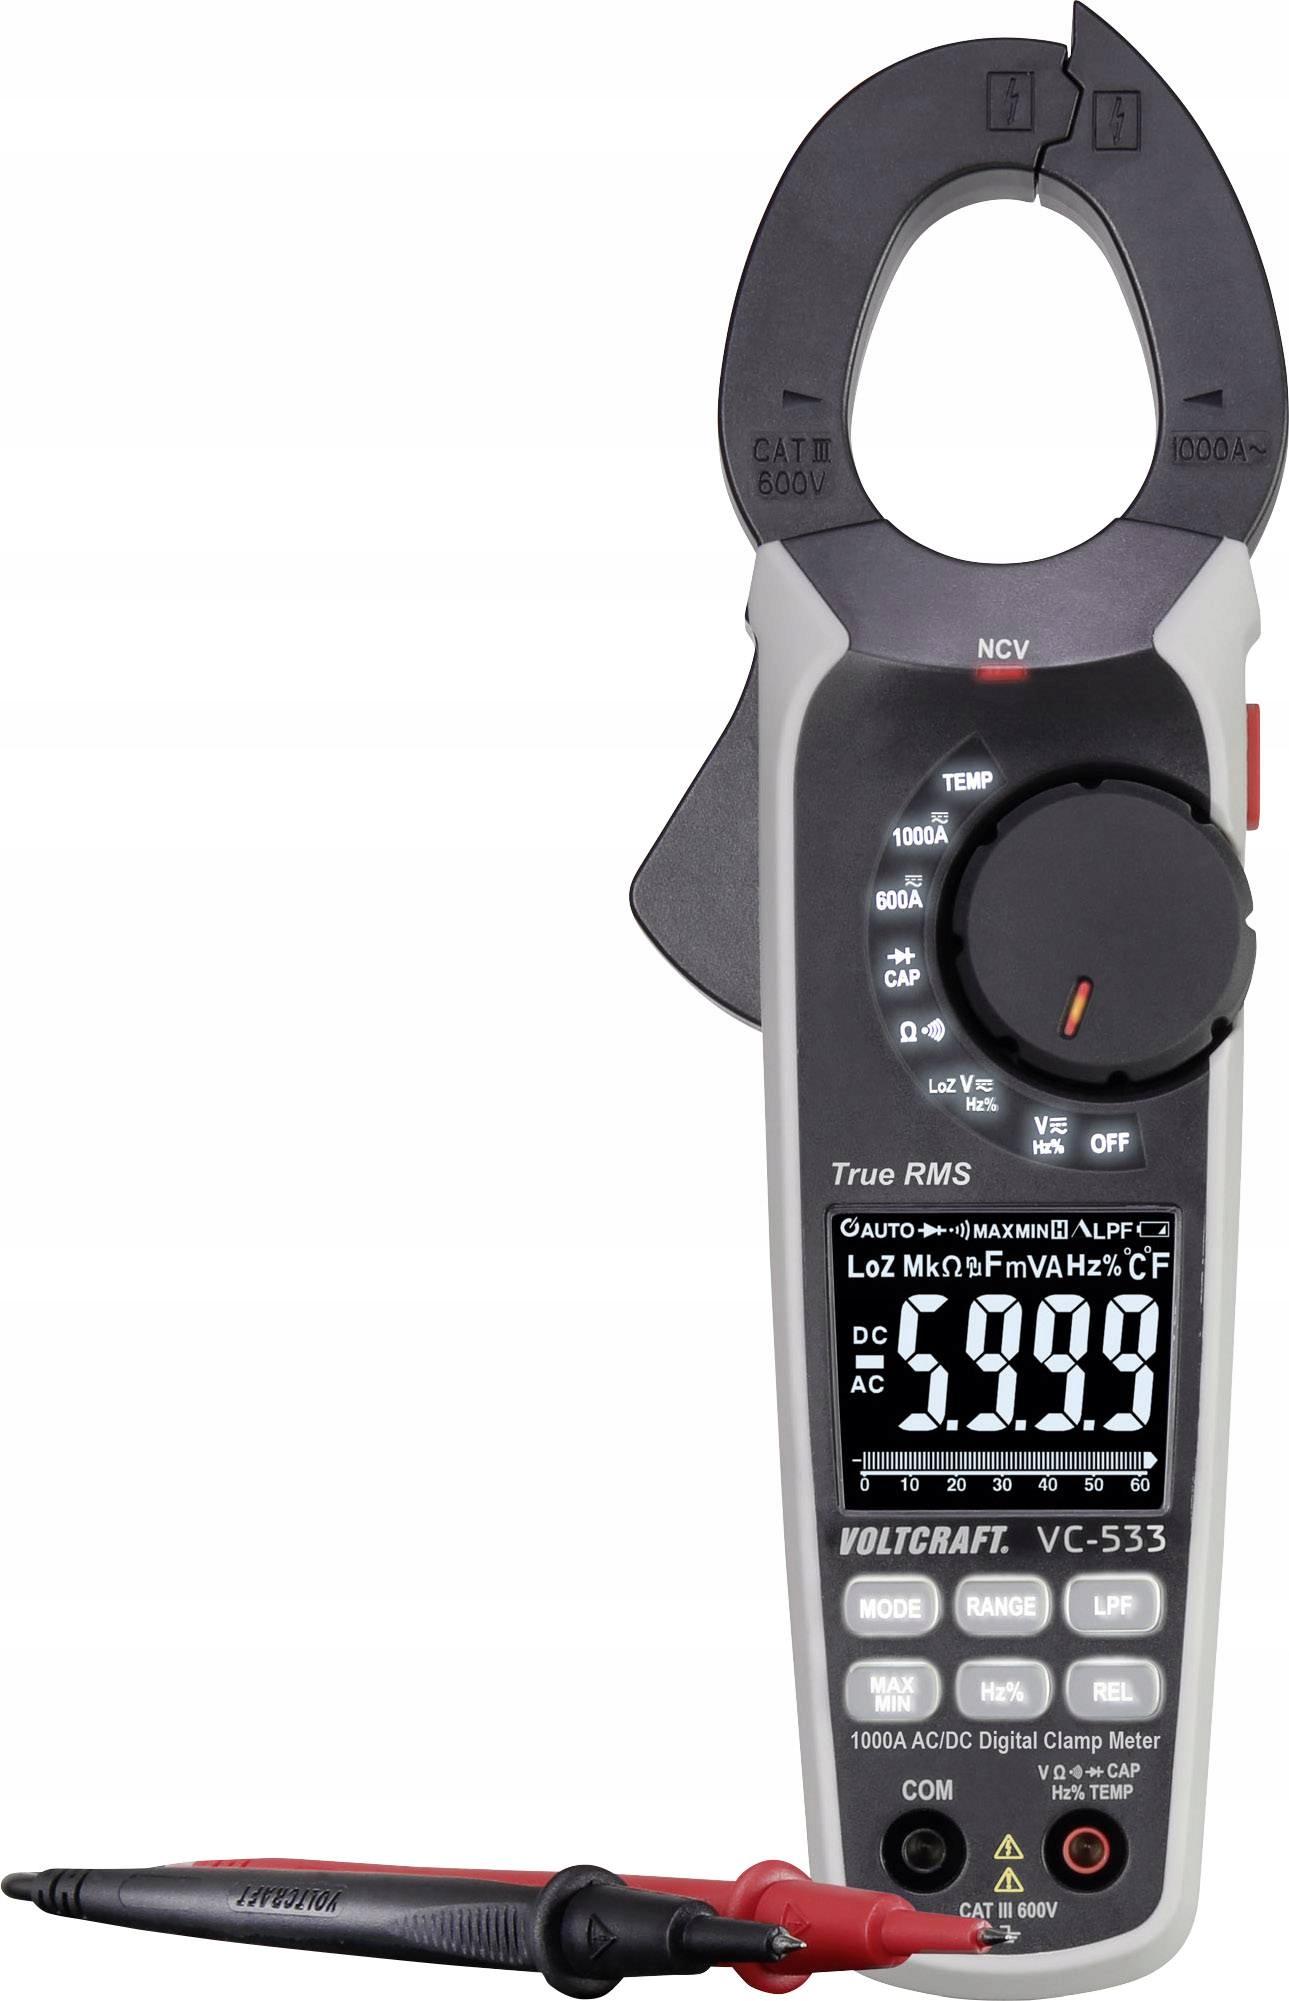 VOLTCRAFT VC-533 Miernik cęgowy cyfrowy 600 V